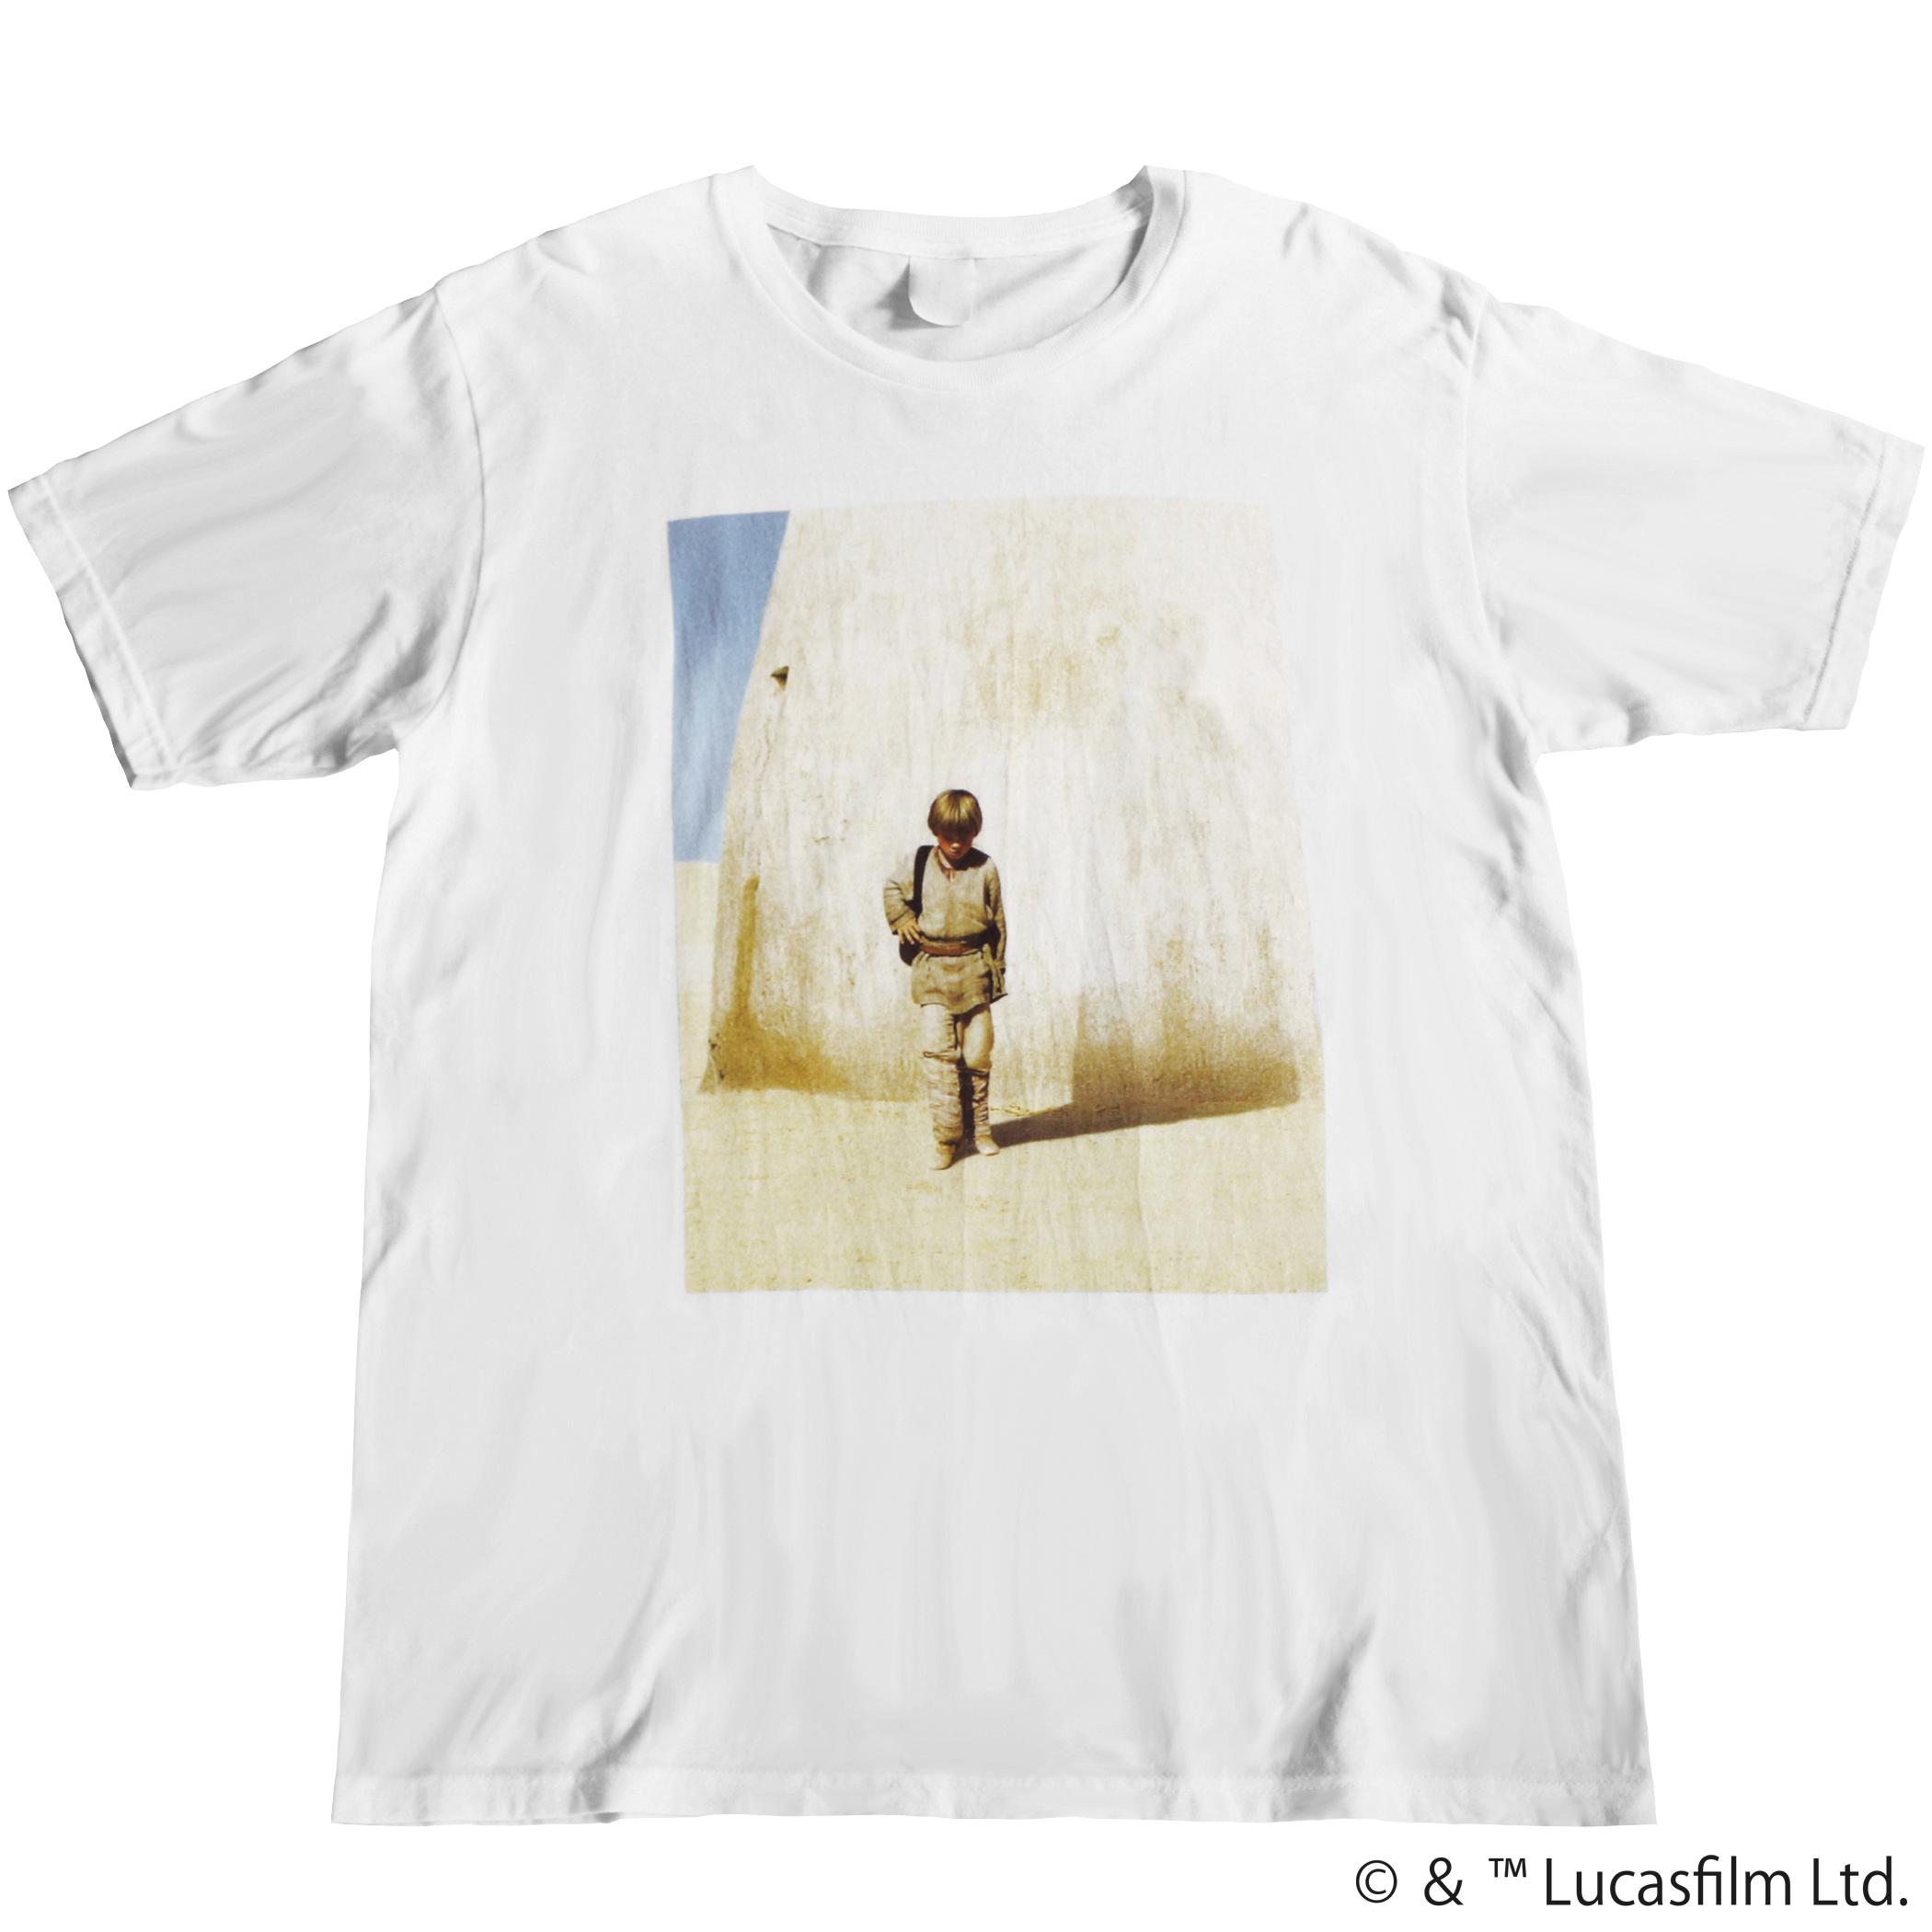 【スター・ウォーズ】アナキン・スカイウォーカー 両面プリントTシャツ